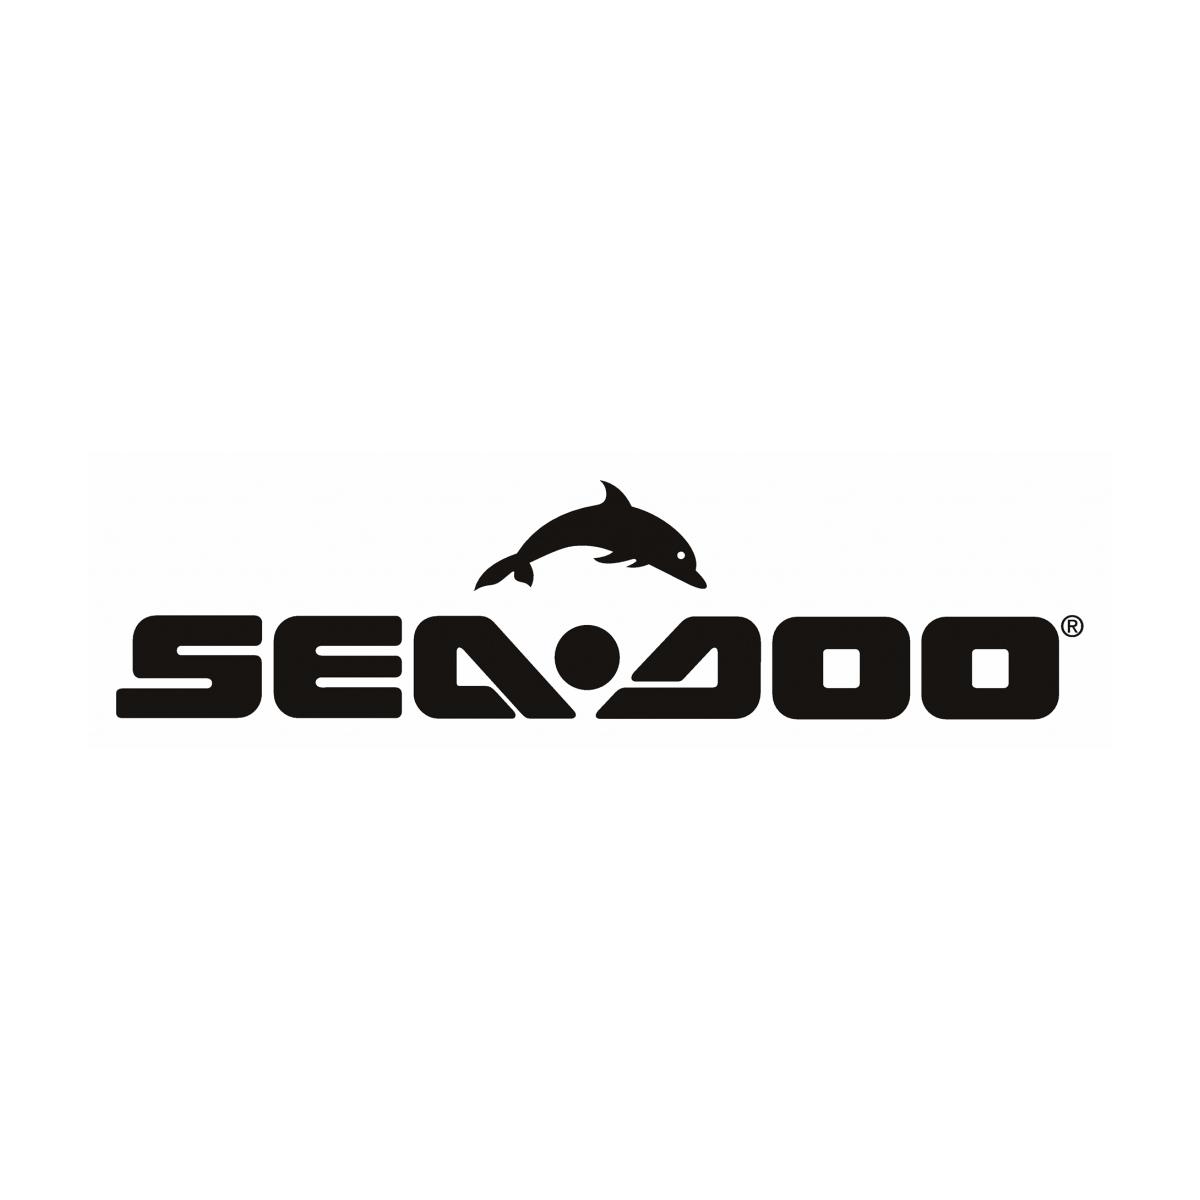 Batente Eixo para Jet Ski Sea Doo 4 TEC Nacional (Contra Choque)  - Radical Peças - Peças para Jet Ski